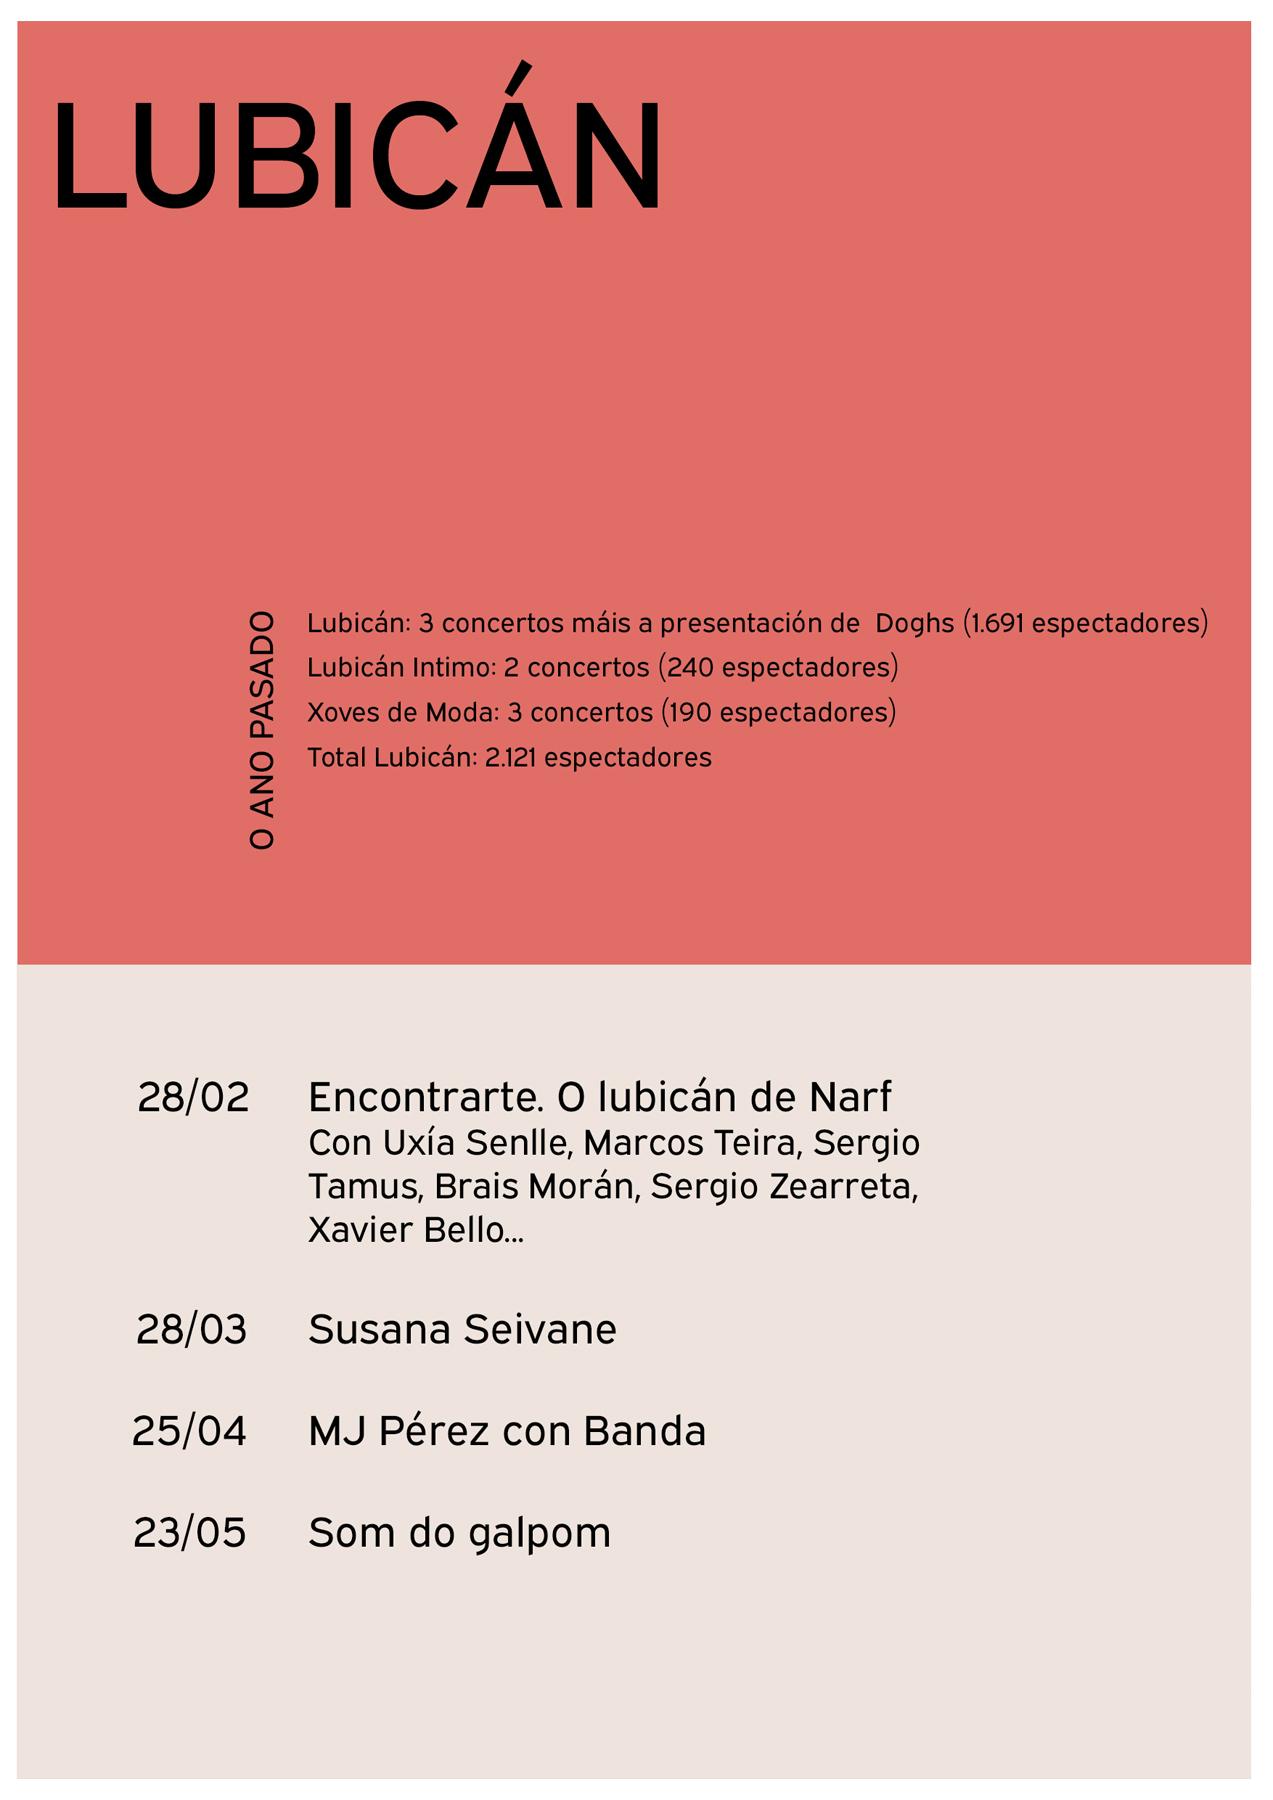 Lubican Lugo concertos